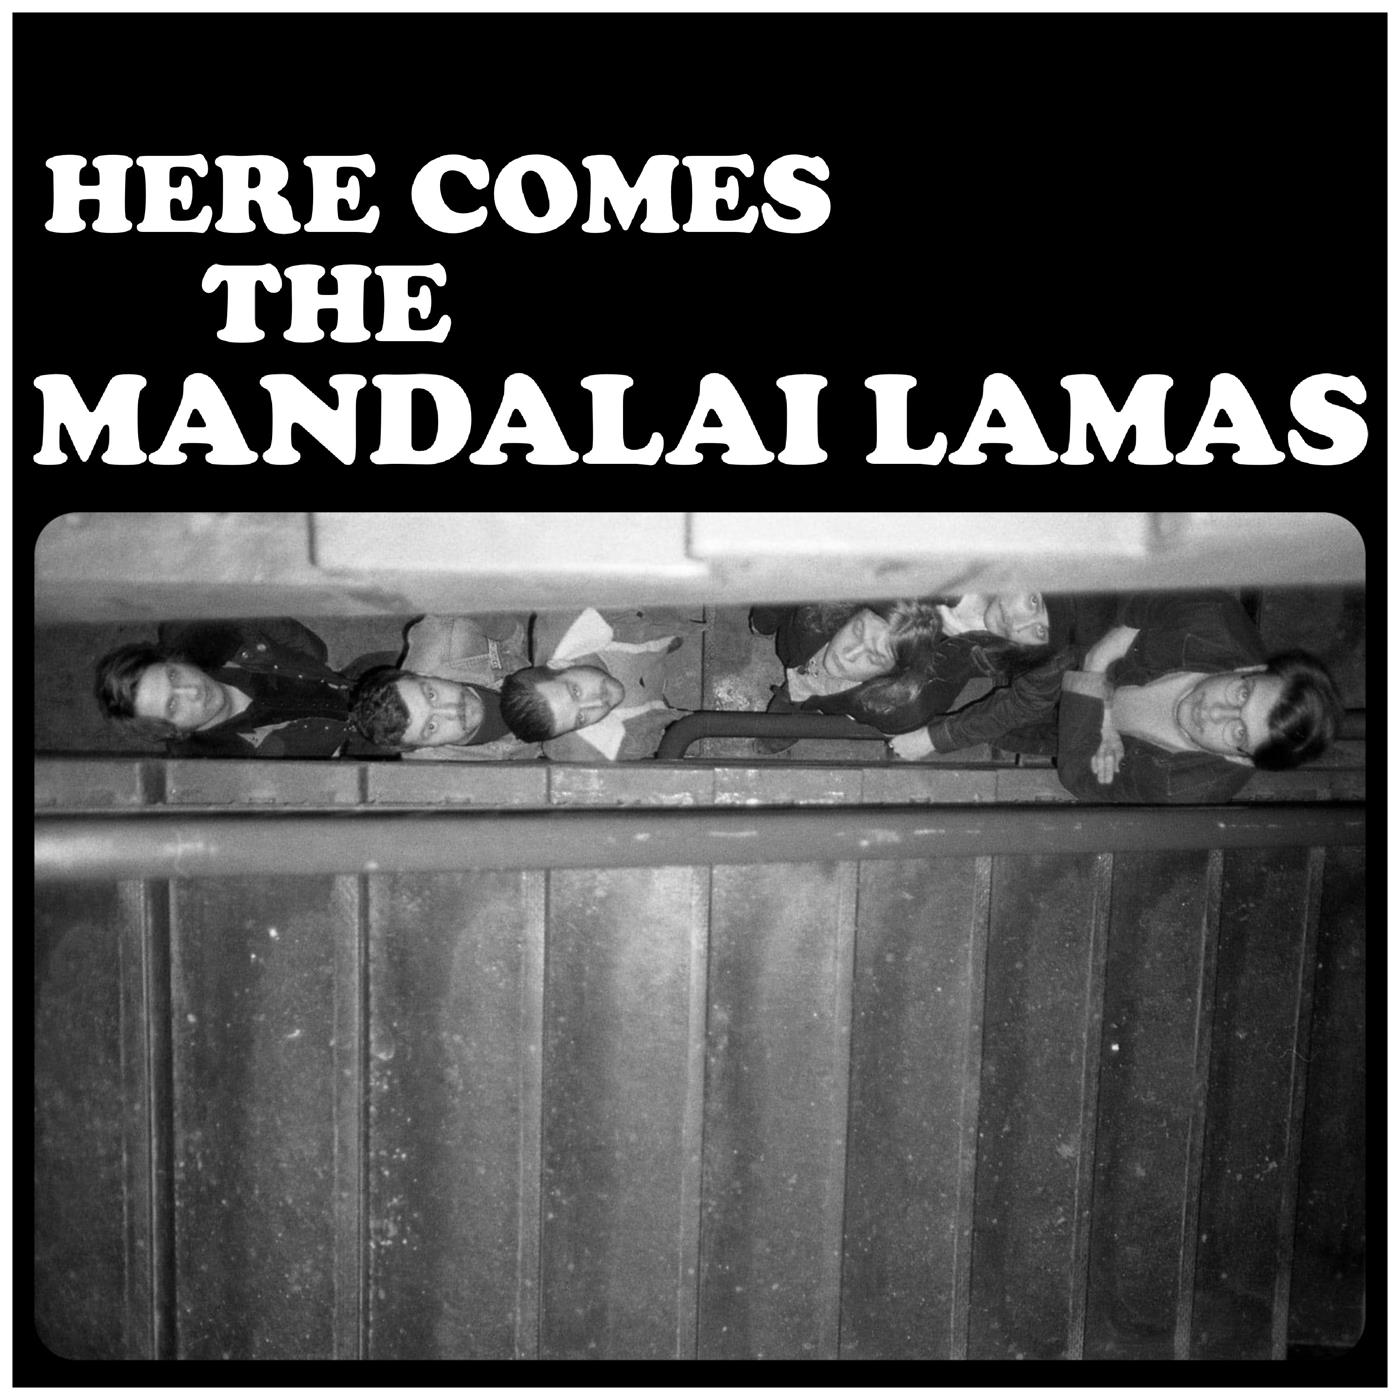 Mandalai Lamas - Here Comes The Mandalai Lamas [LP]